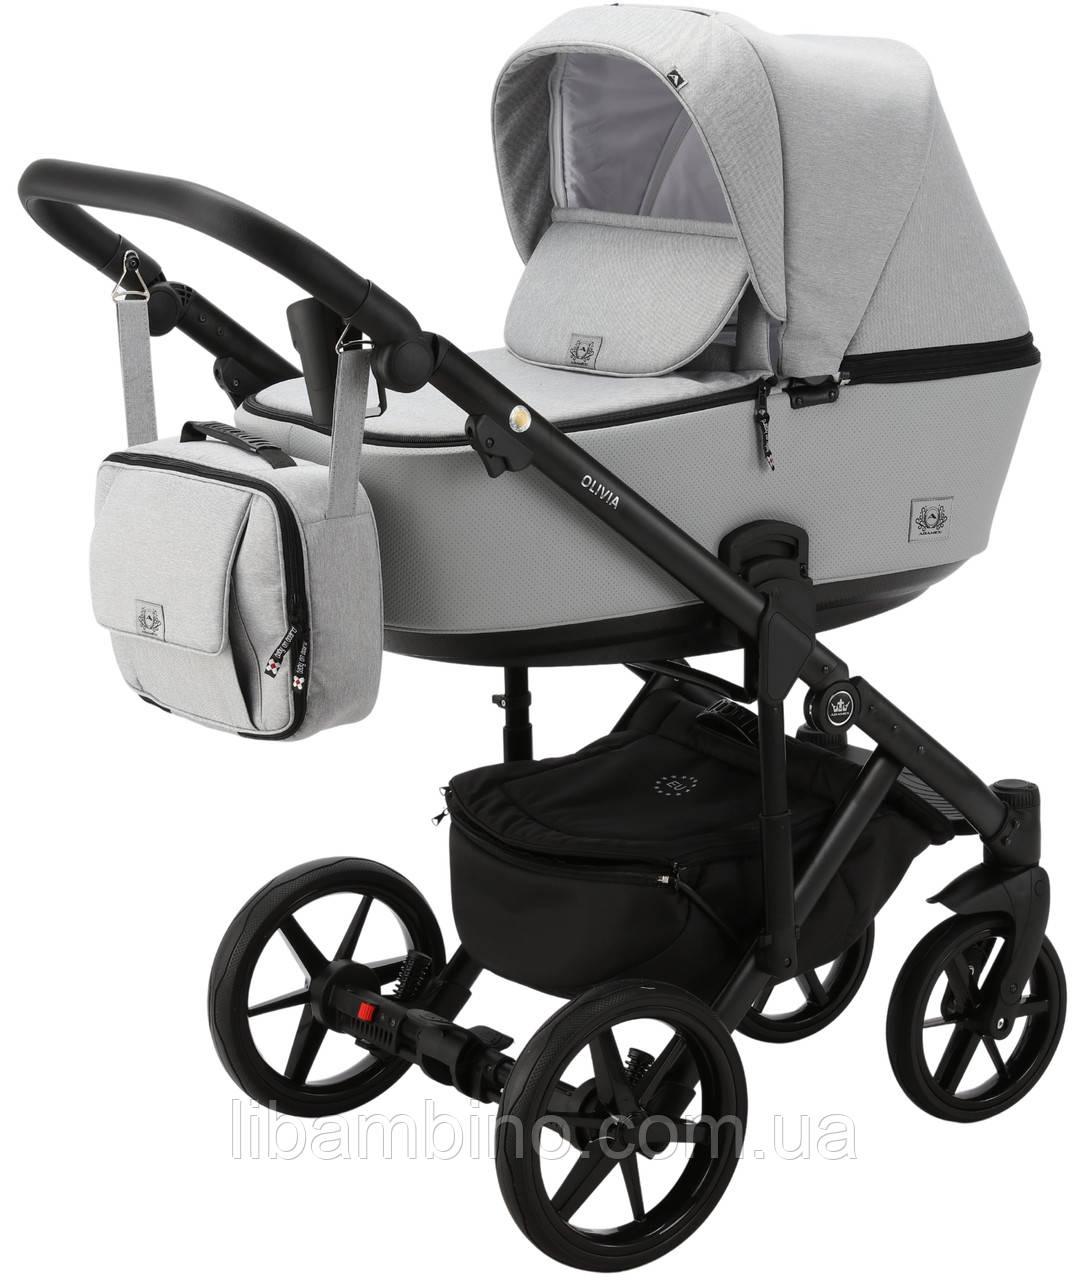 Дитяча універсальна коляска 2 в 1 Adamex Olivia PS-11